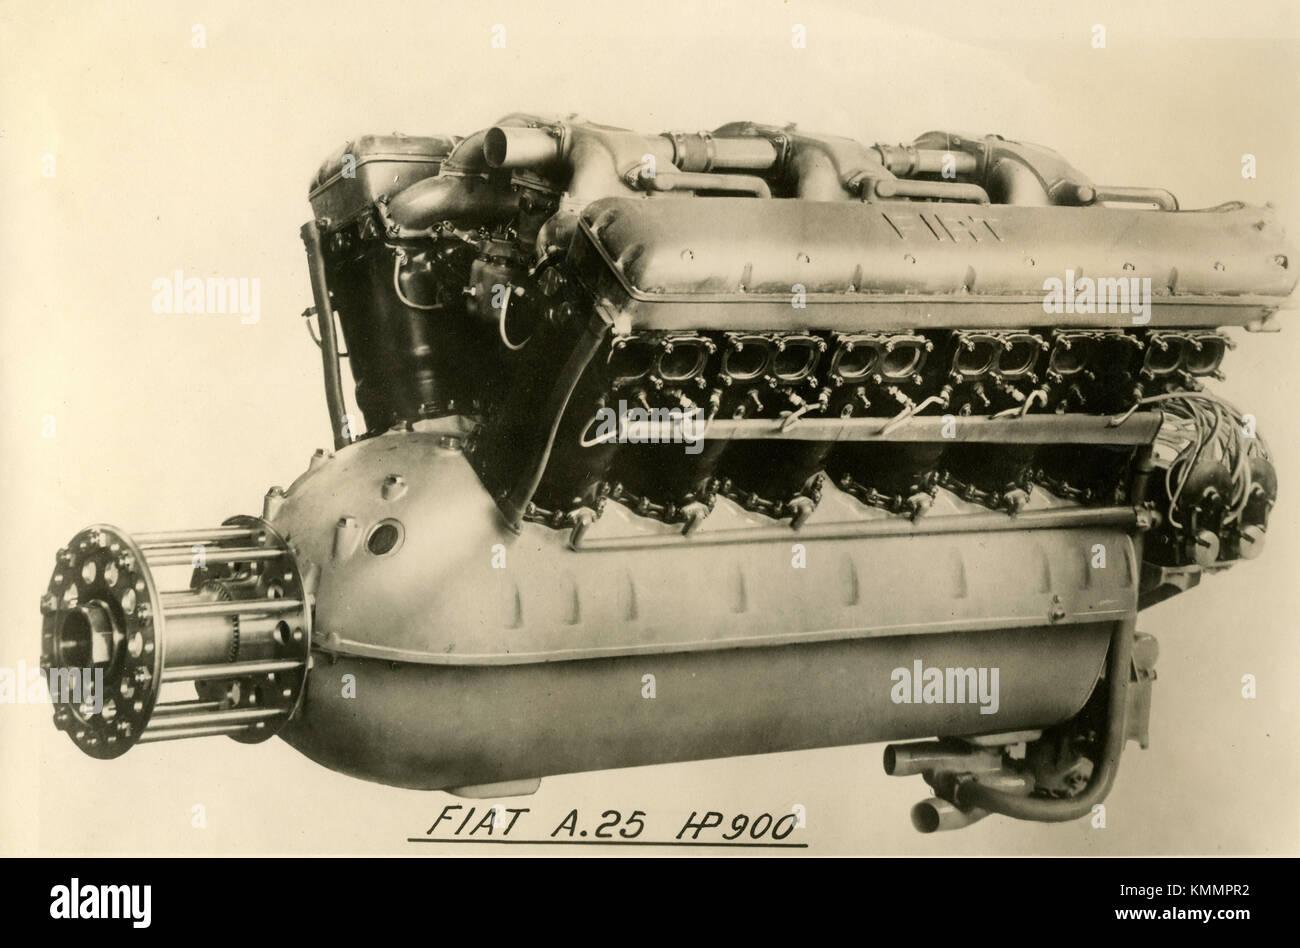 FIAT motore aviazione A.25 HP 900, Italia 1920s Immagini Stock